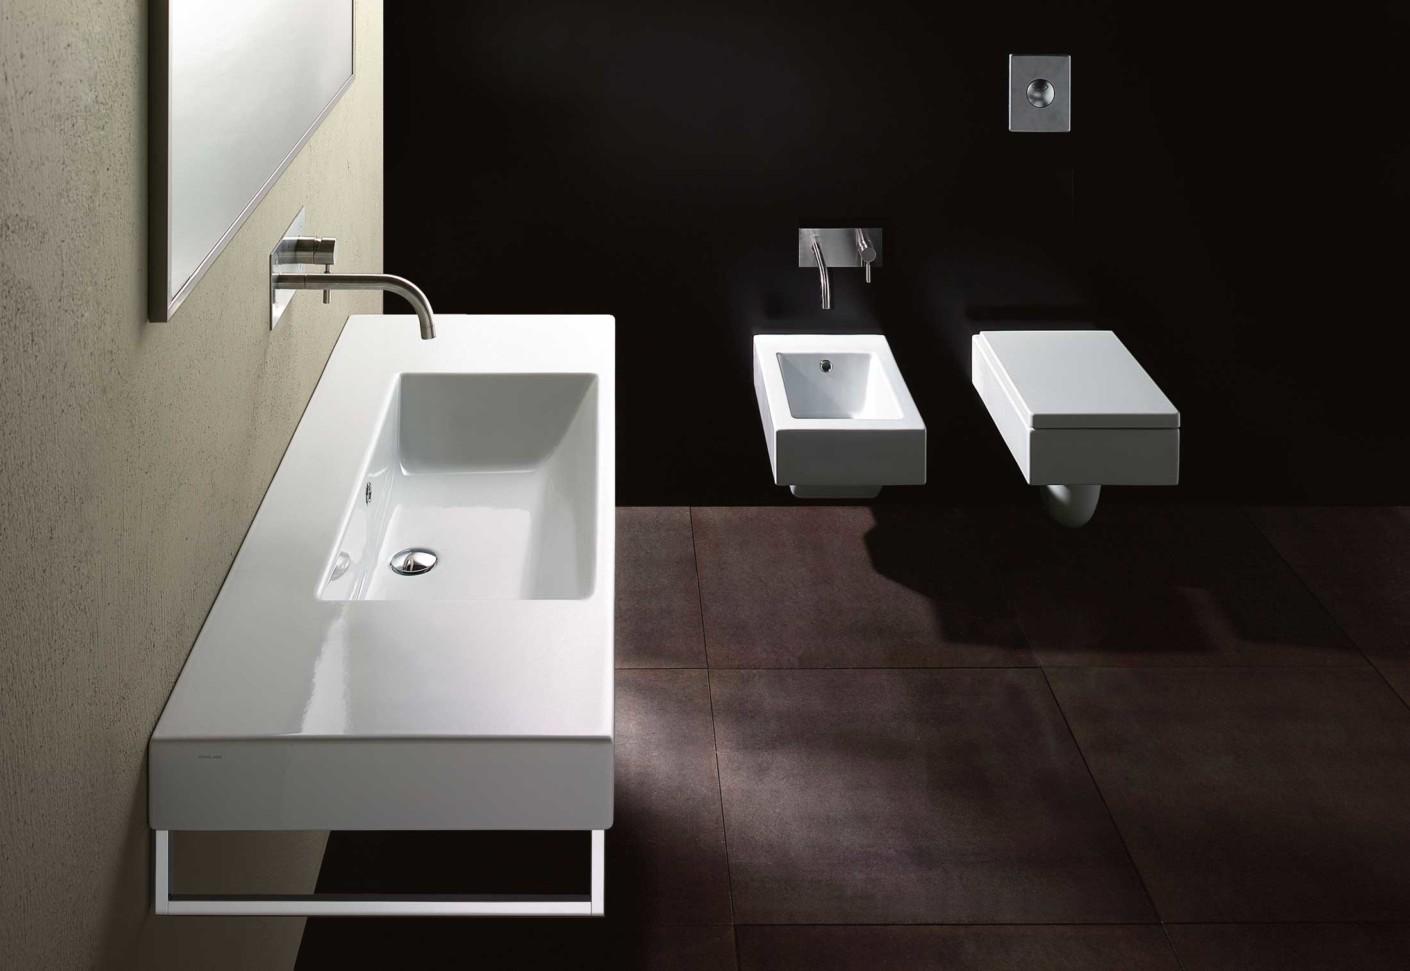 zero domino 125 waschtisch von catalano stylepark. Black Bedroom Furniture Sets. Home Design Ideas